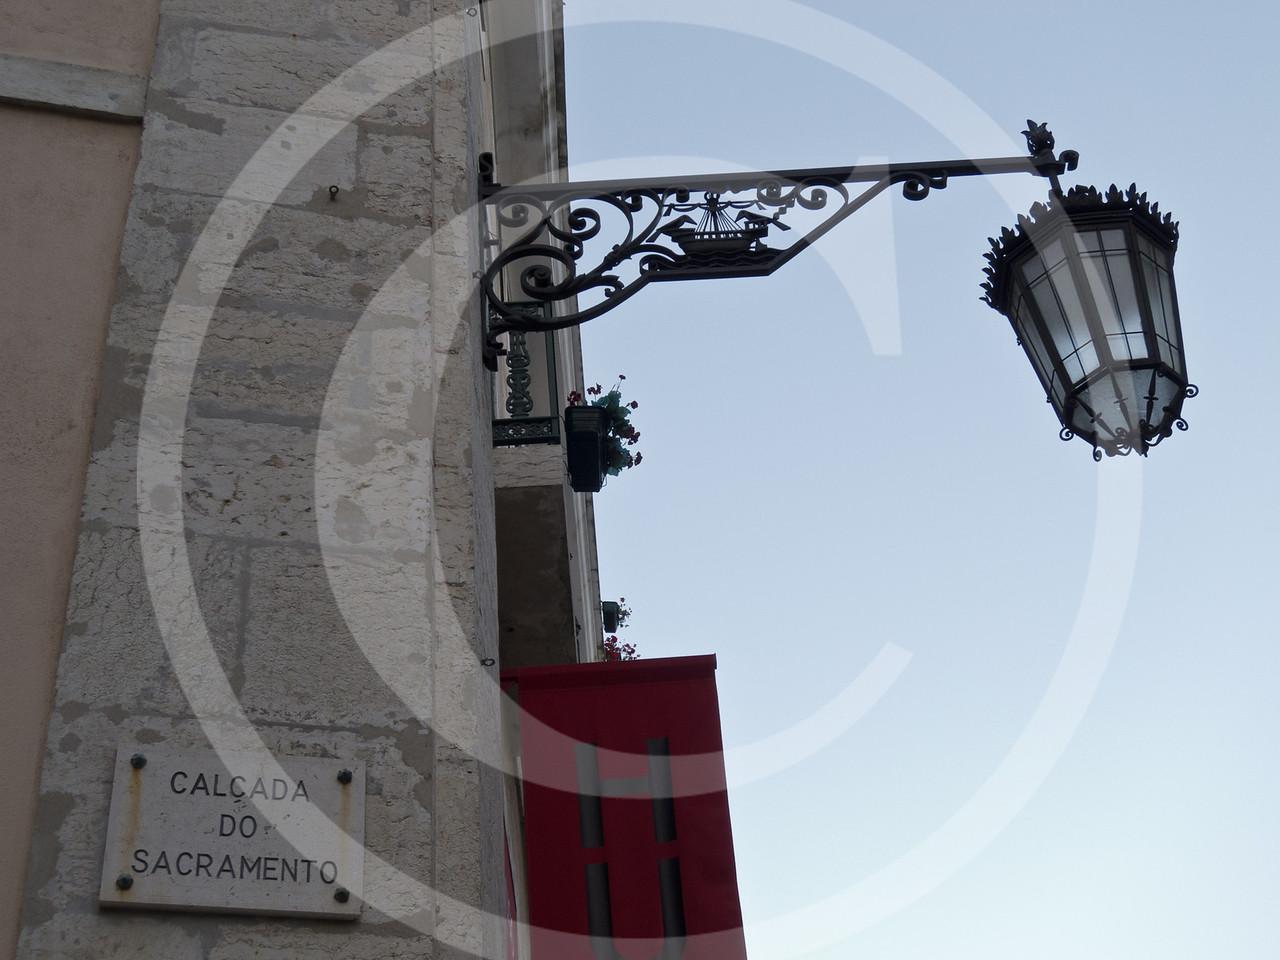 Lisboa0420111415-075